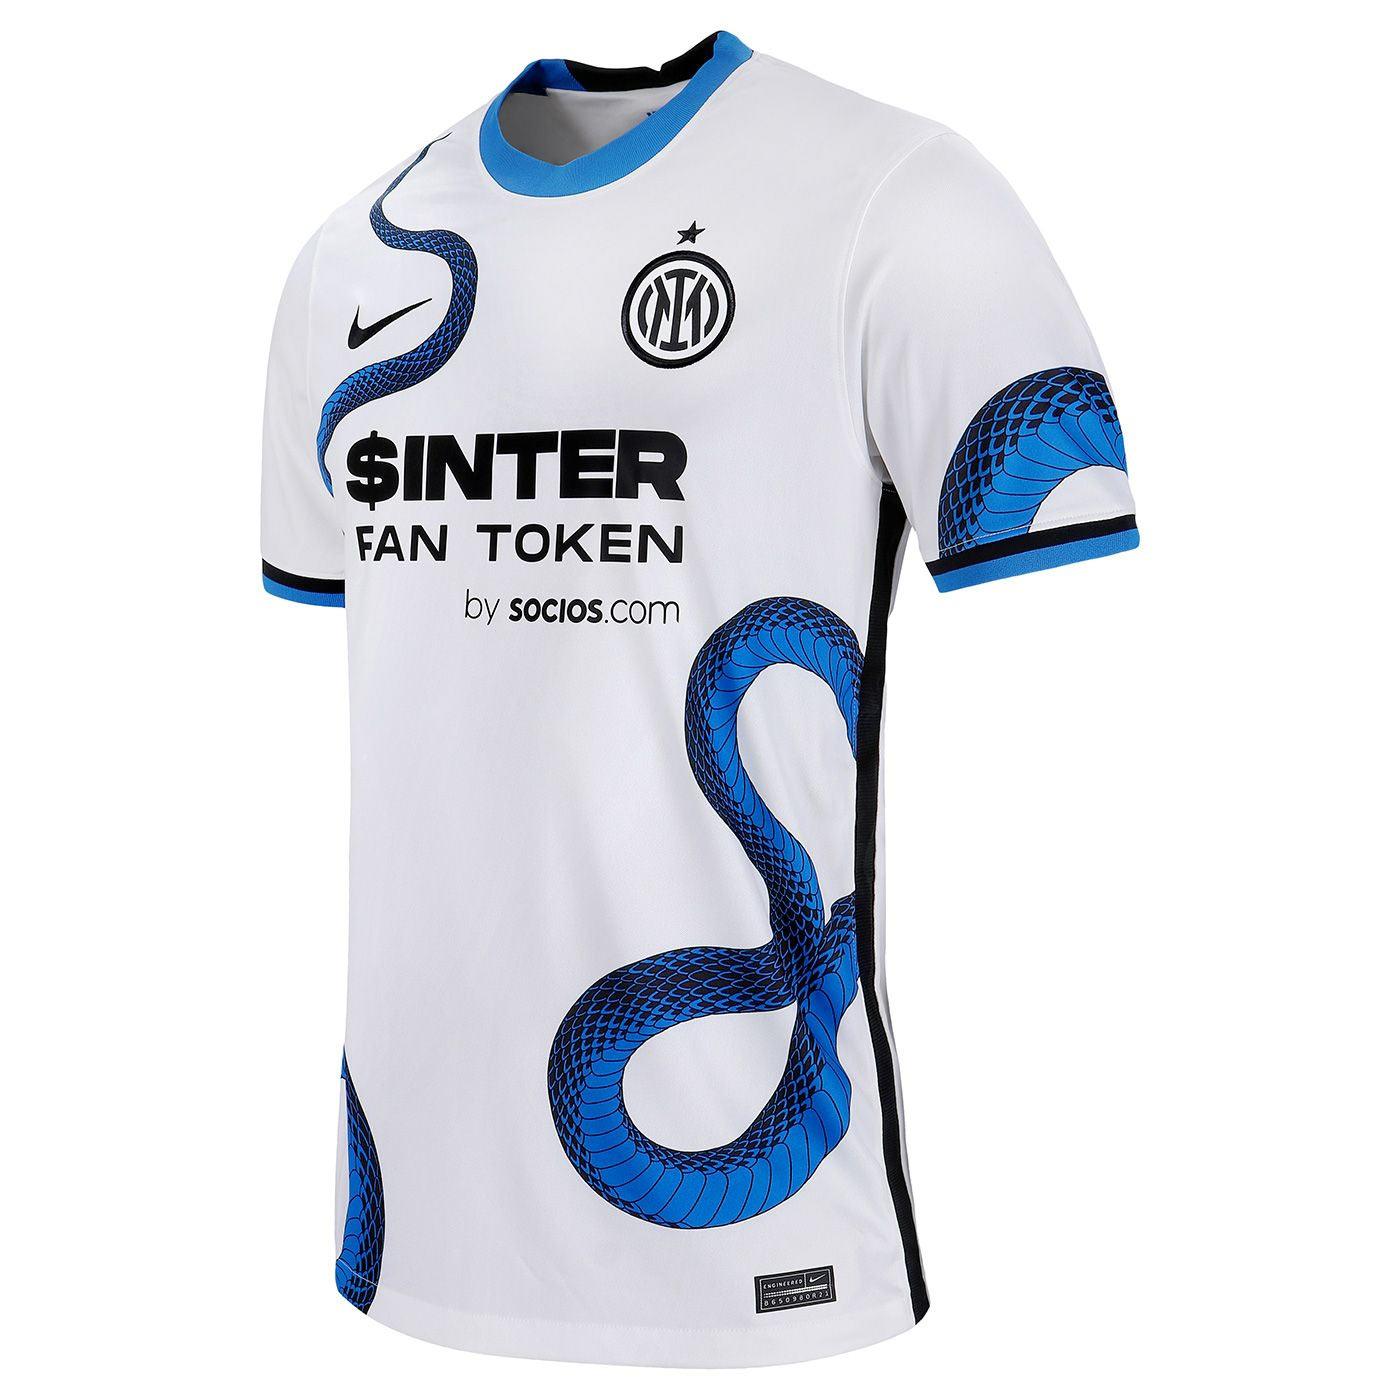 Nuova maglia Inter away 2021-2022, torna il biscione nerazzurro!